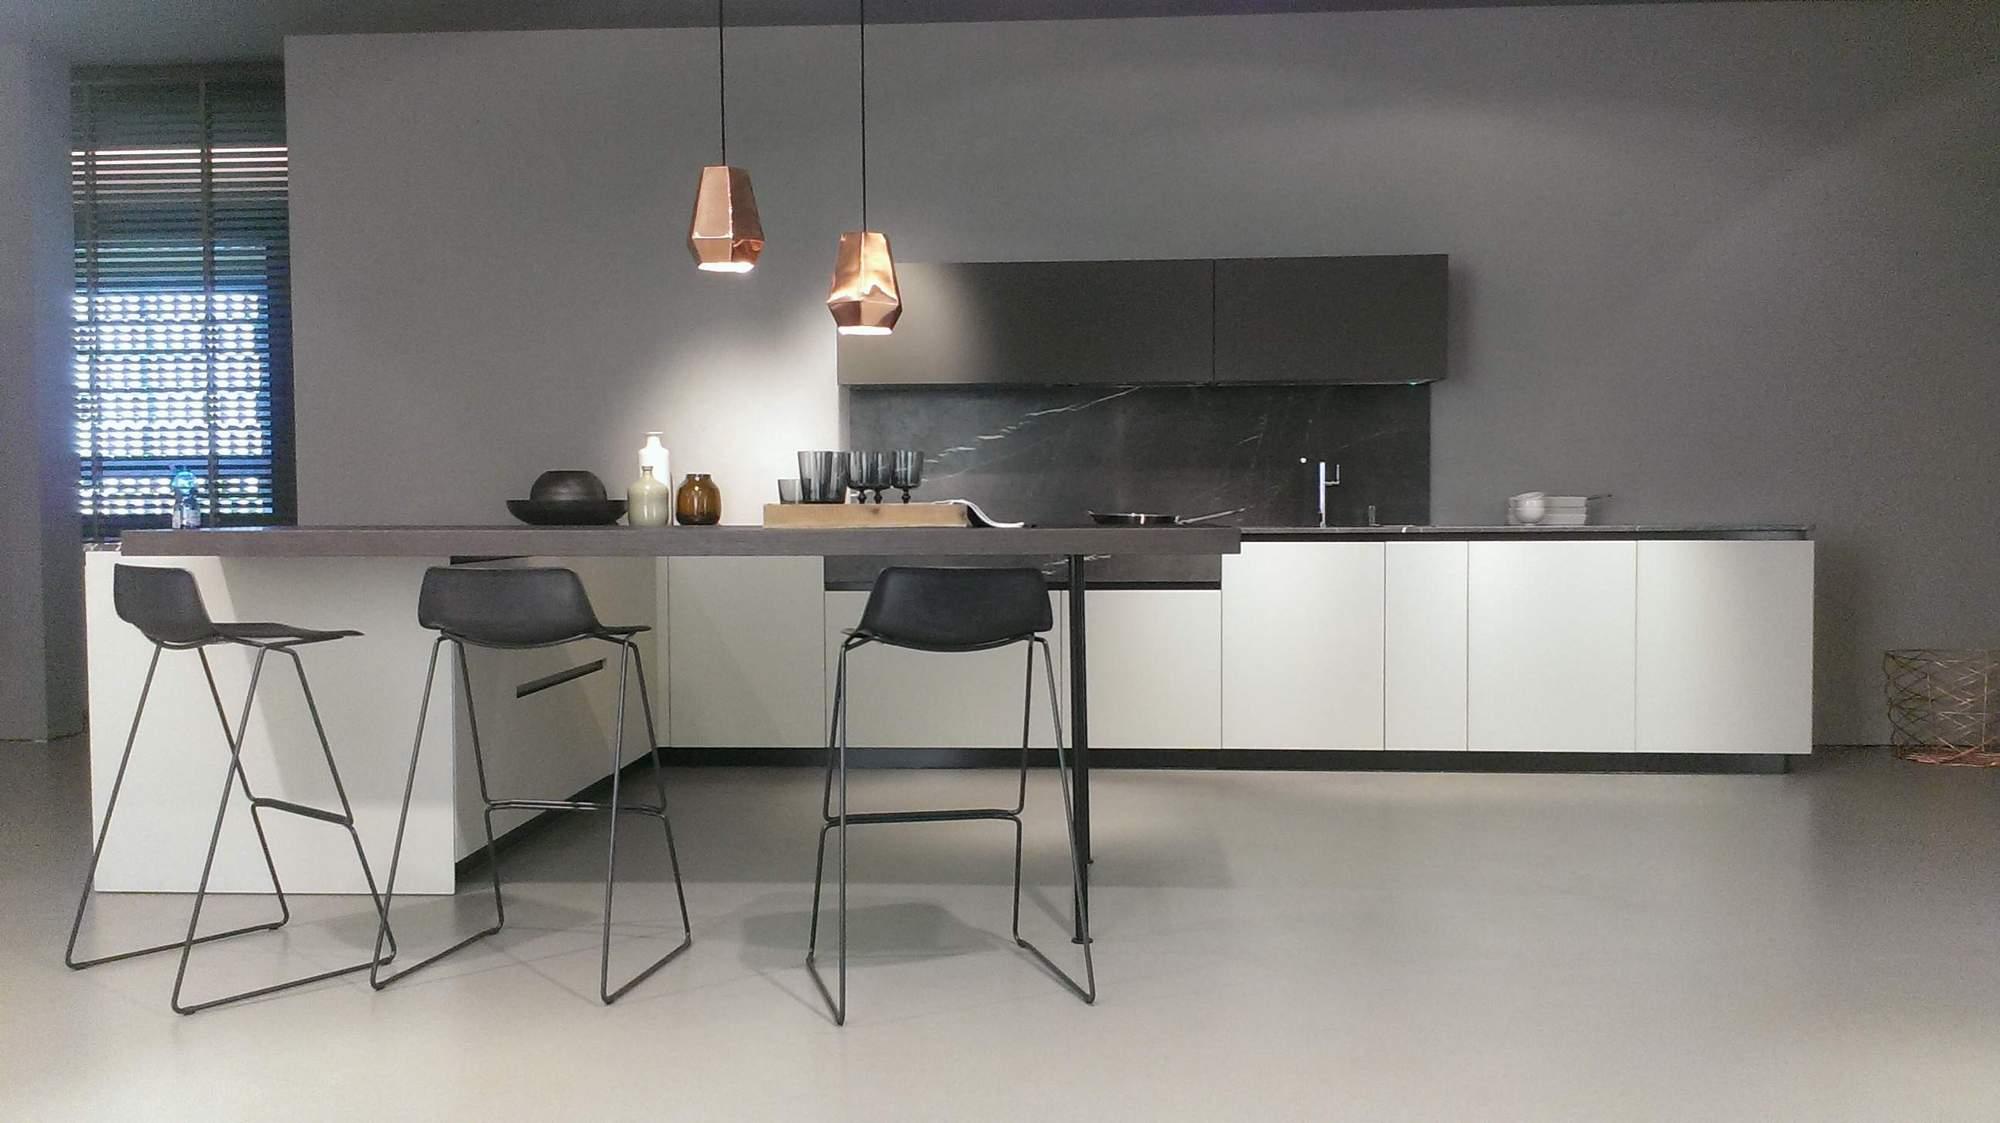 Doimo cucine e il nuovo modello materia teti arredamenti for Teti arredamenti